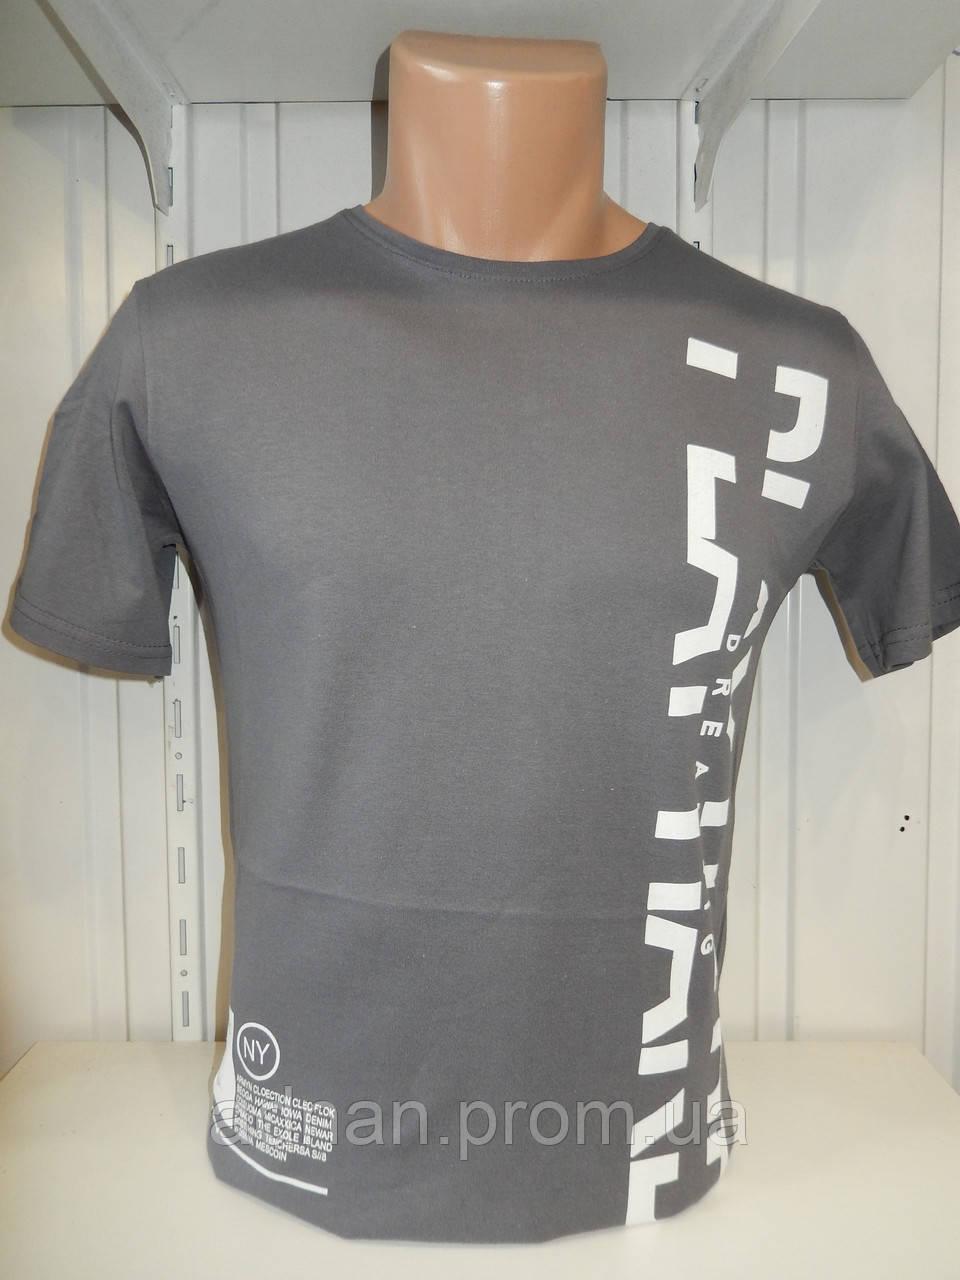 Футболка мужская ENISTE PLAY, стрейч 008 \ купить футболку мужскую оптом